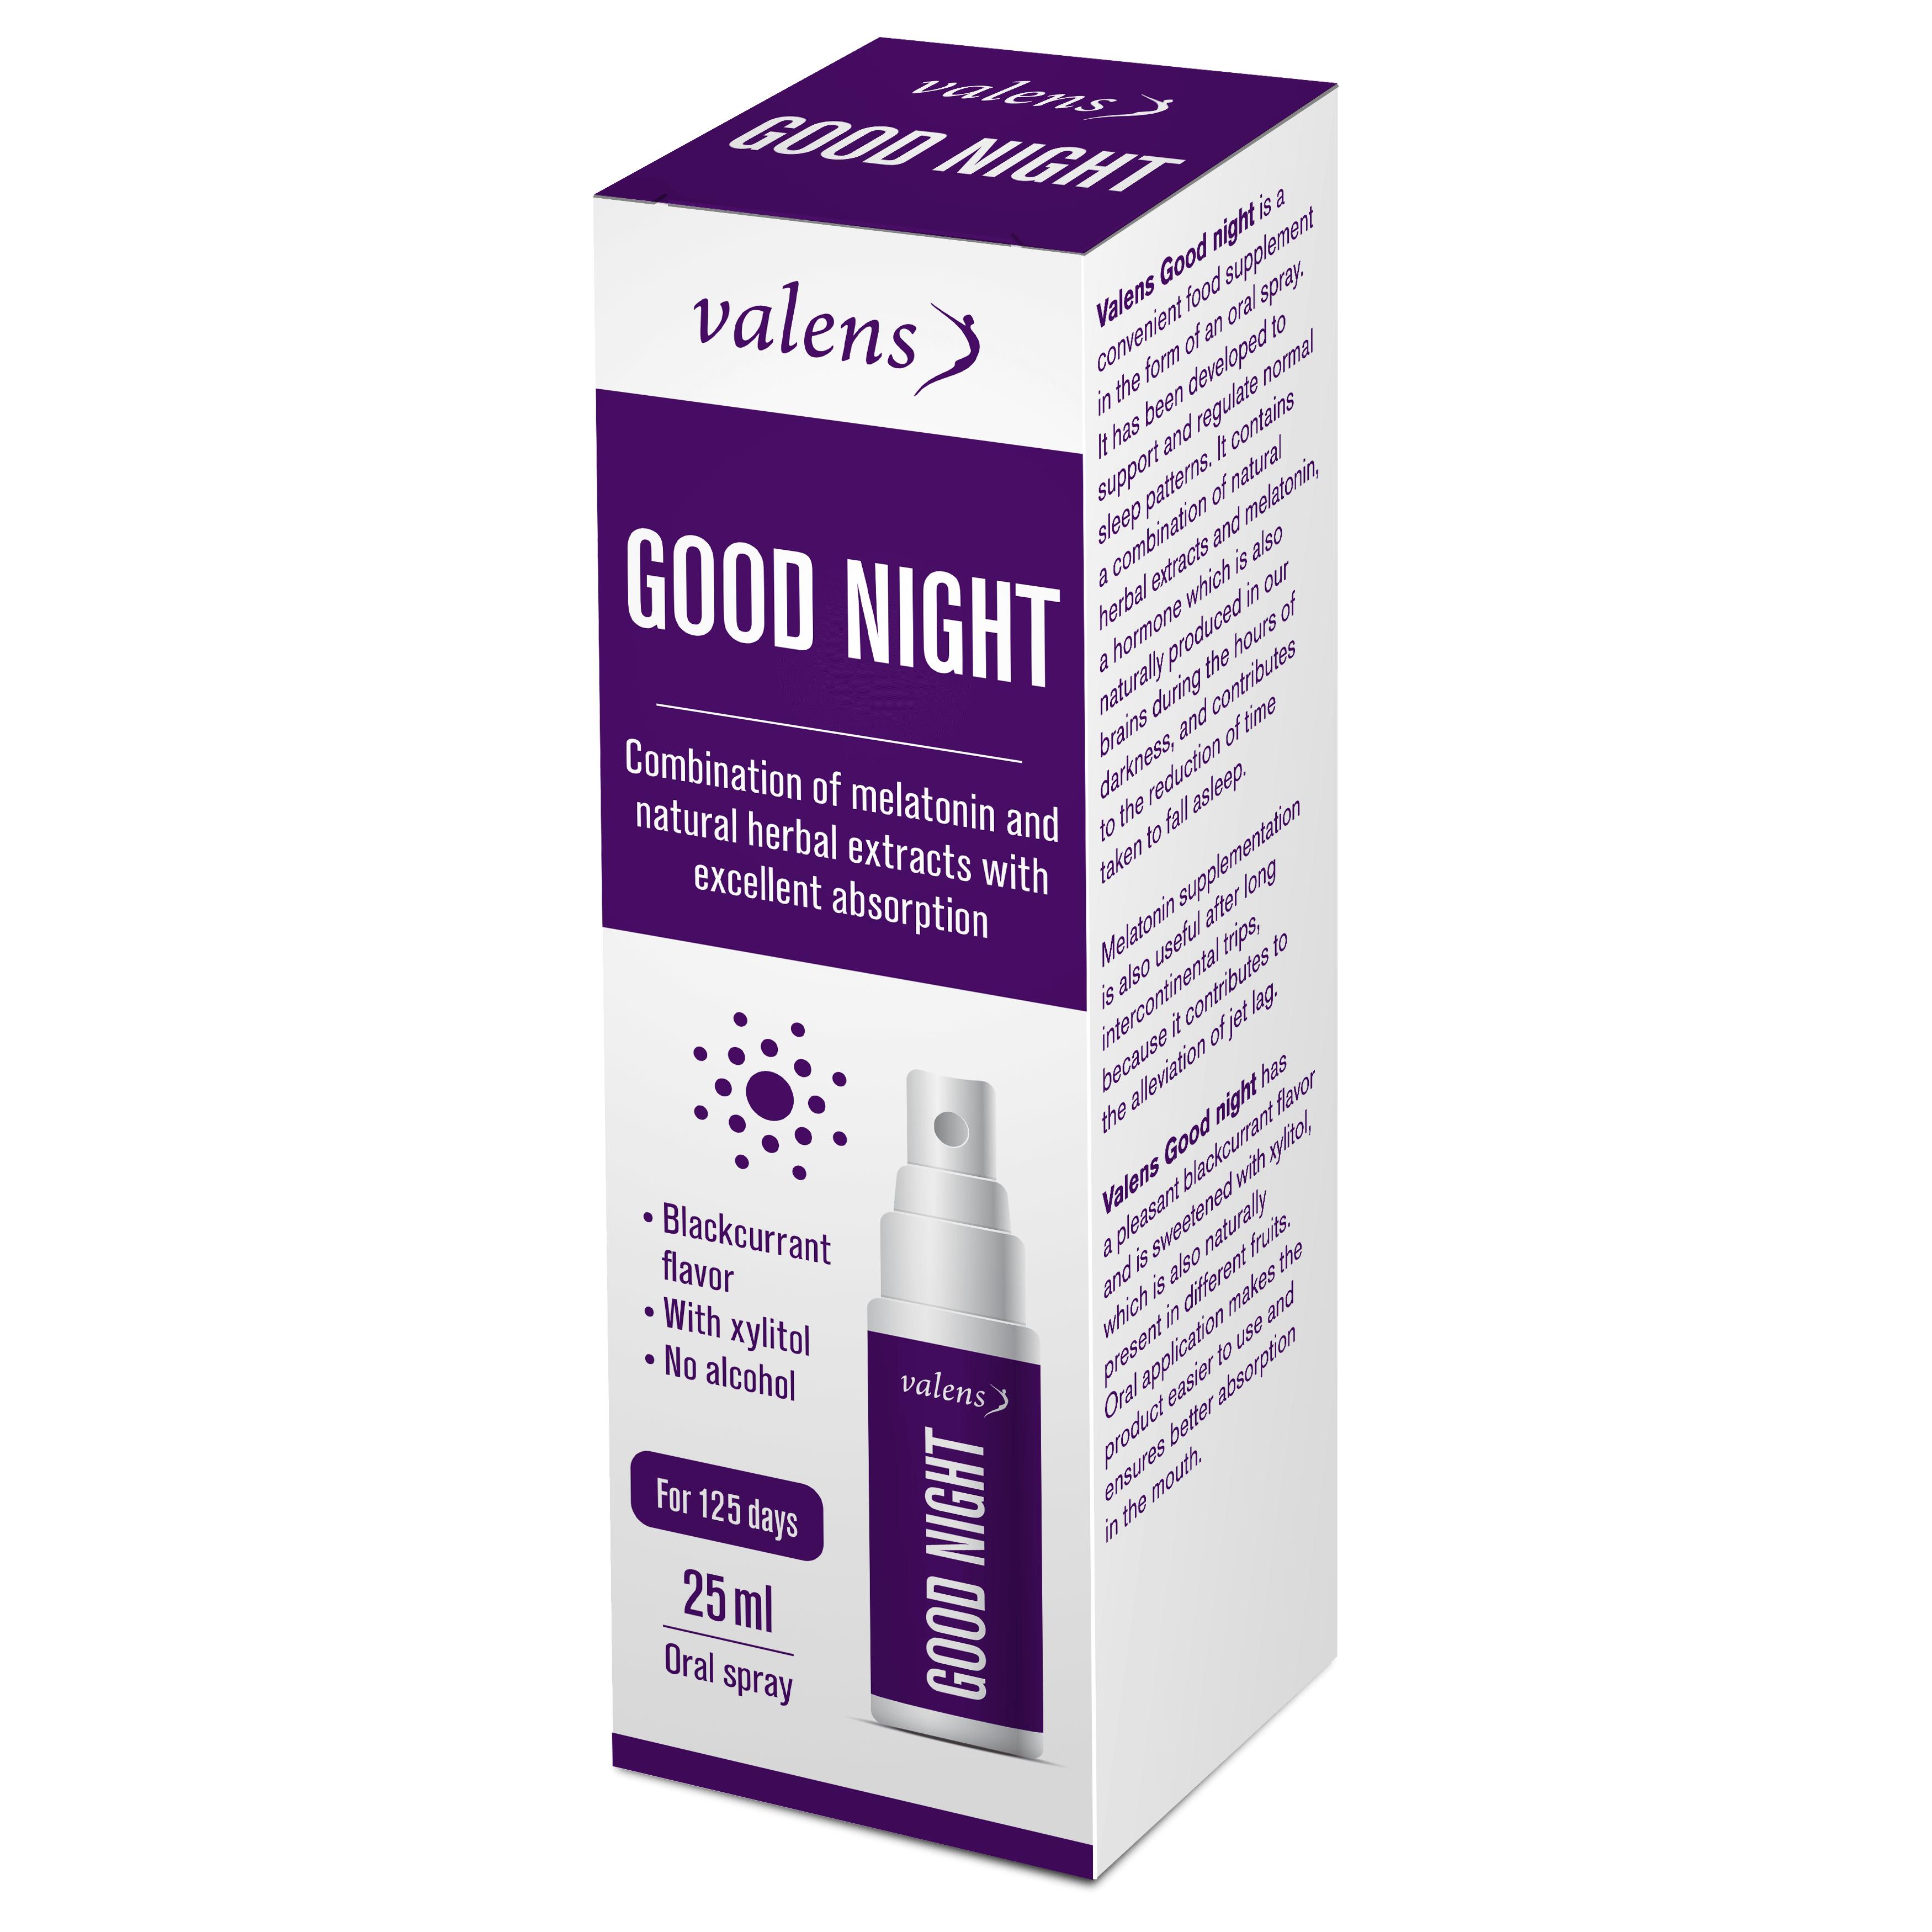 Spray Good Night, 25ml (2396)